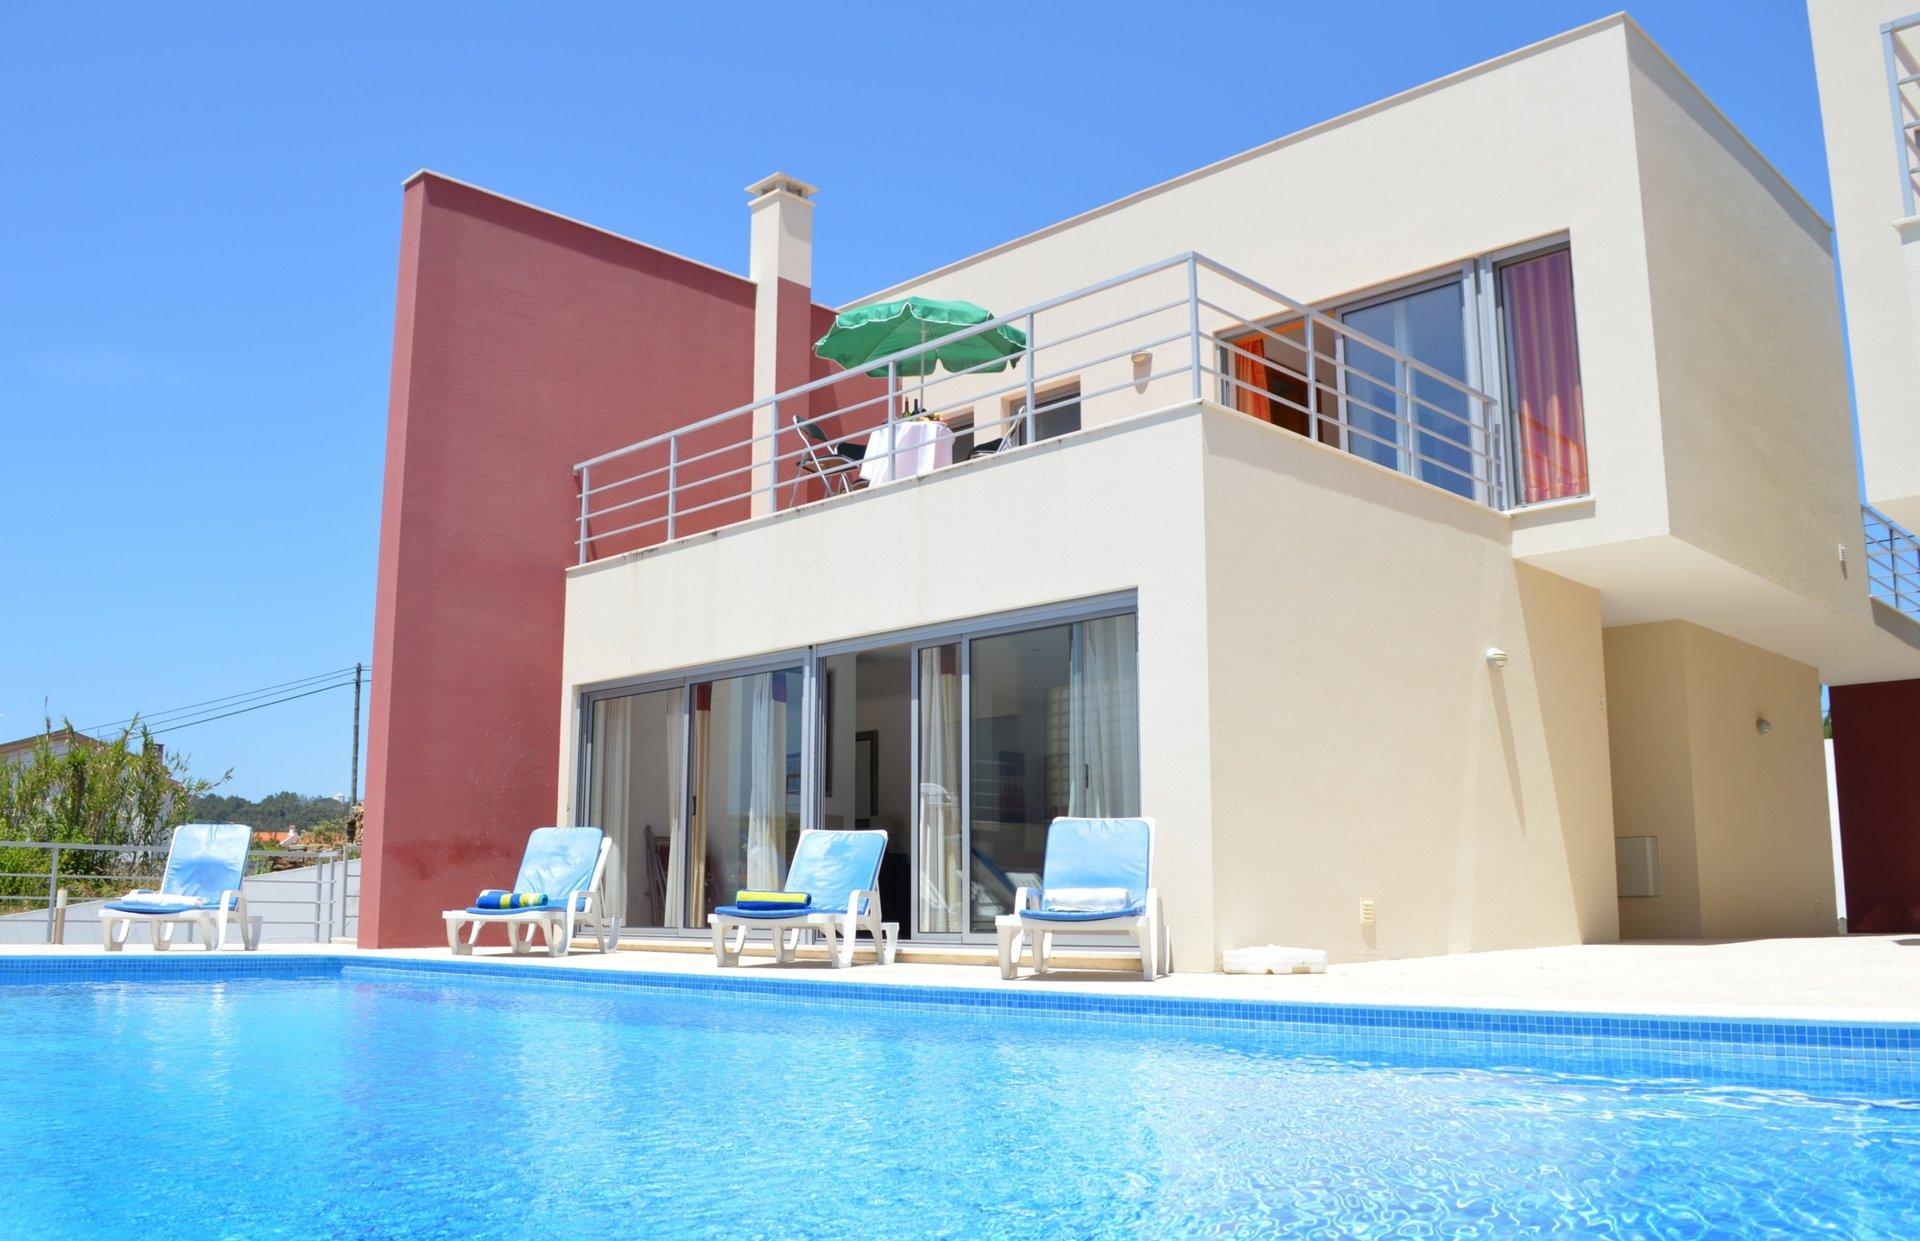 3 Bedroom Villa Foz do Arelho, Silver Coast Ref: AV2027